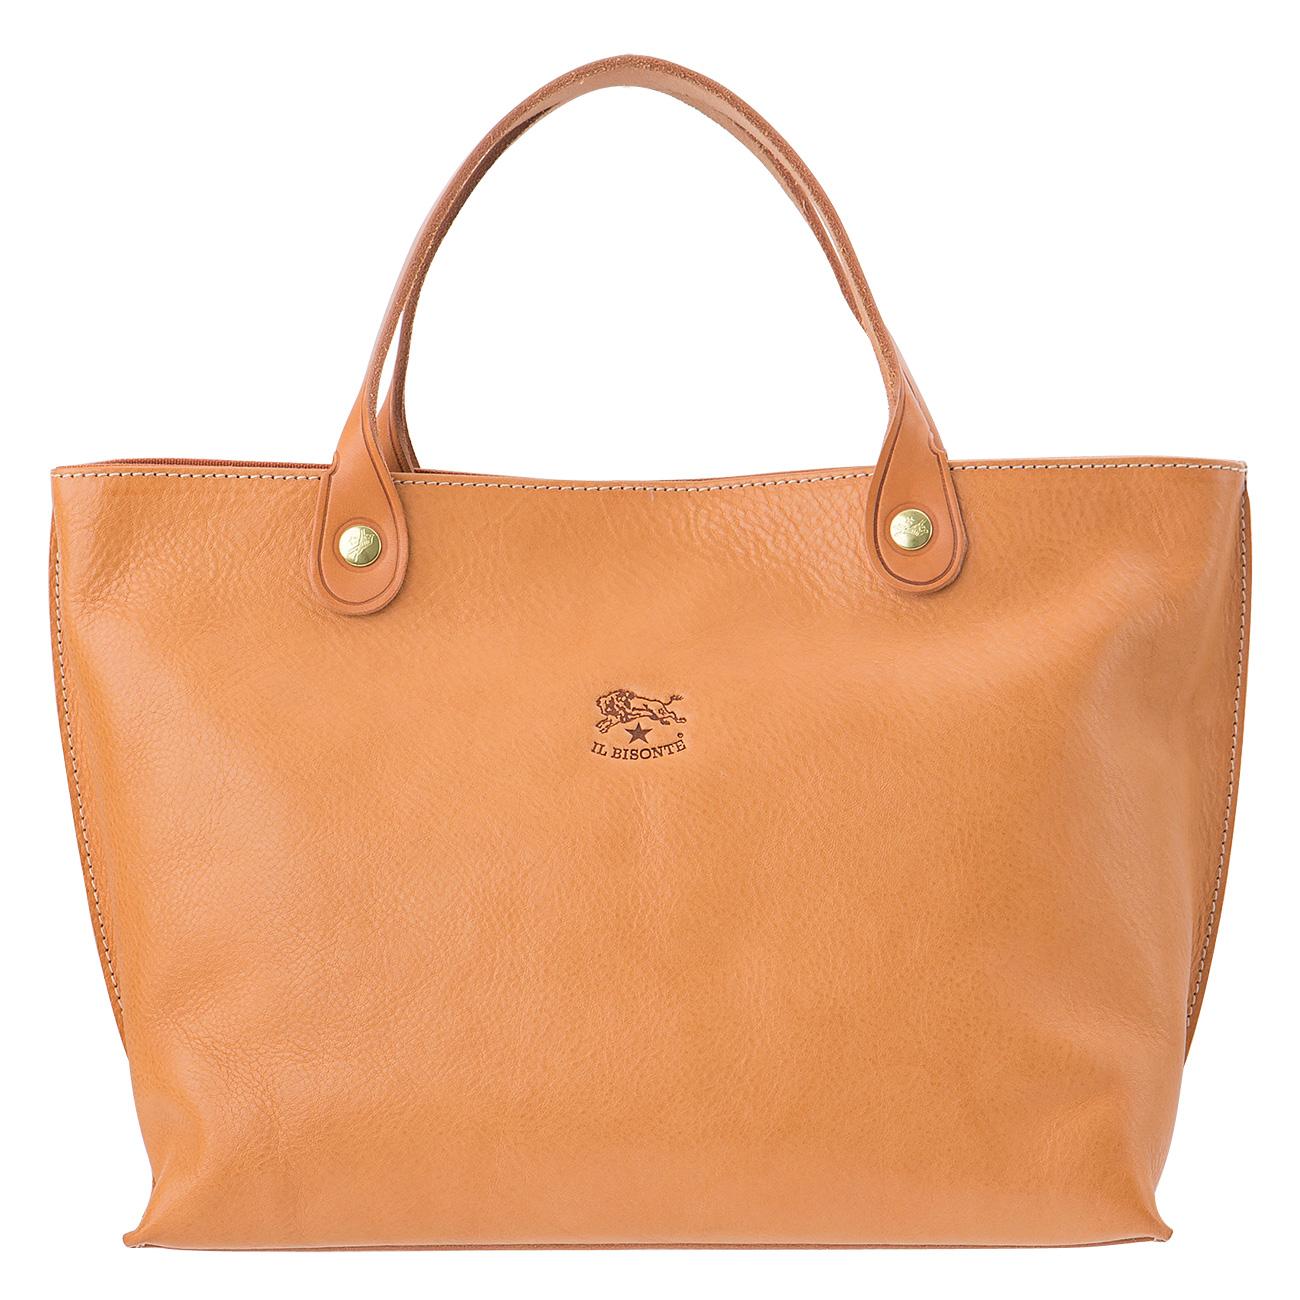 トートバッグ(イルビゾンテ)Leather Bag